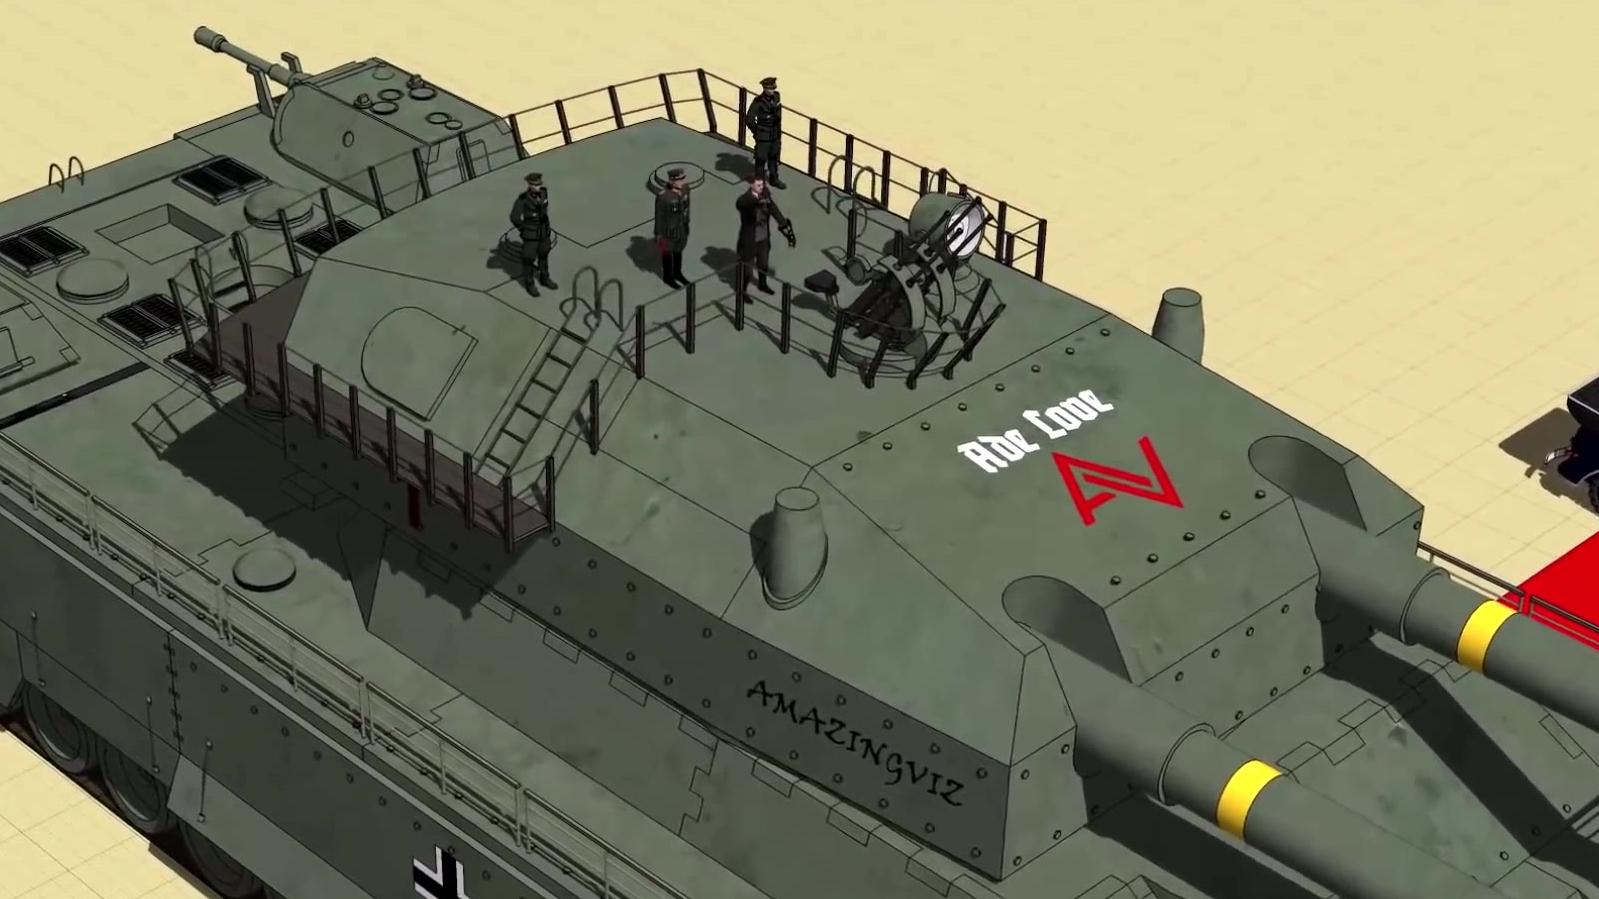 你没看错!这些古灵精怪的设计,真的是存在过的坦克!